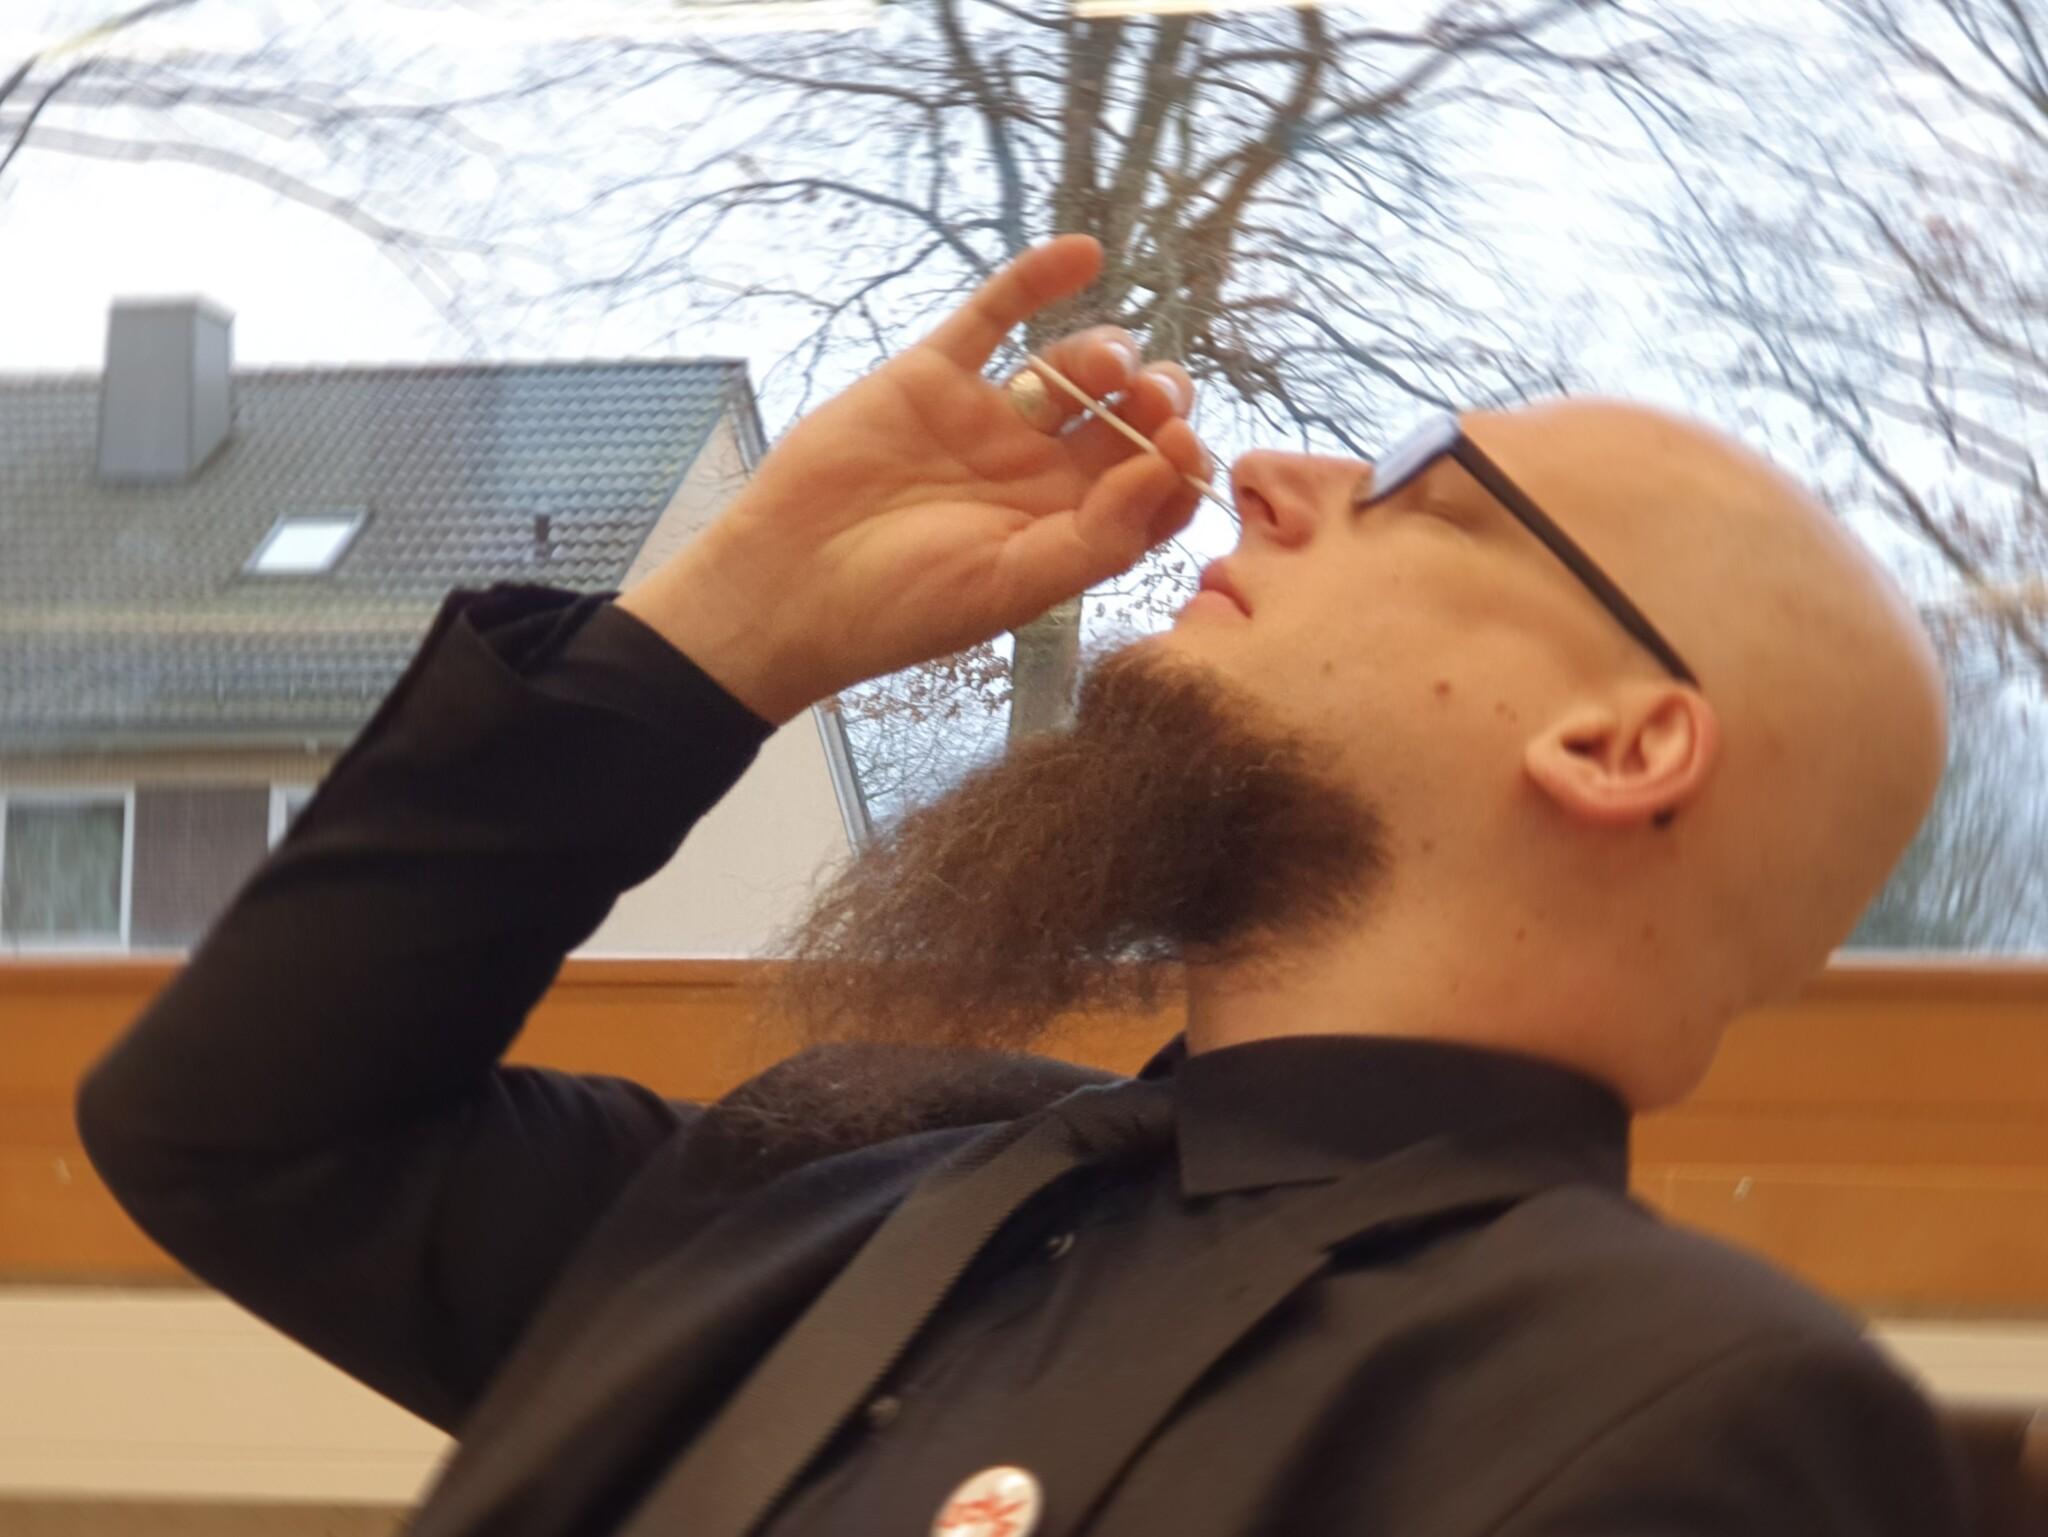 Herr Stapelfeldt bei einem Corona-Selbst-Schnelltest